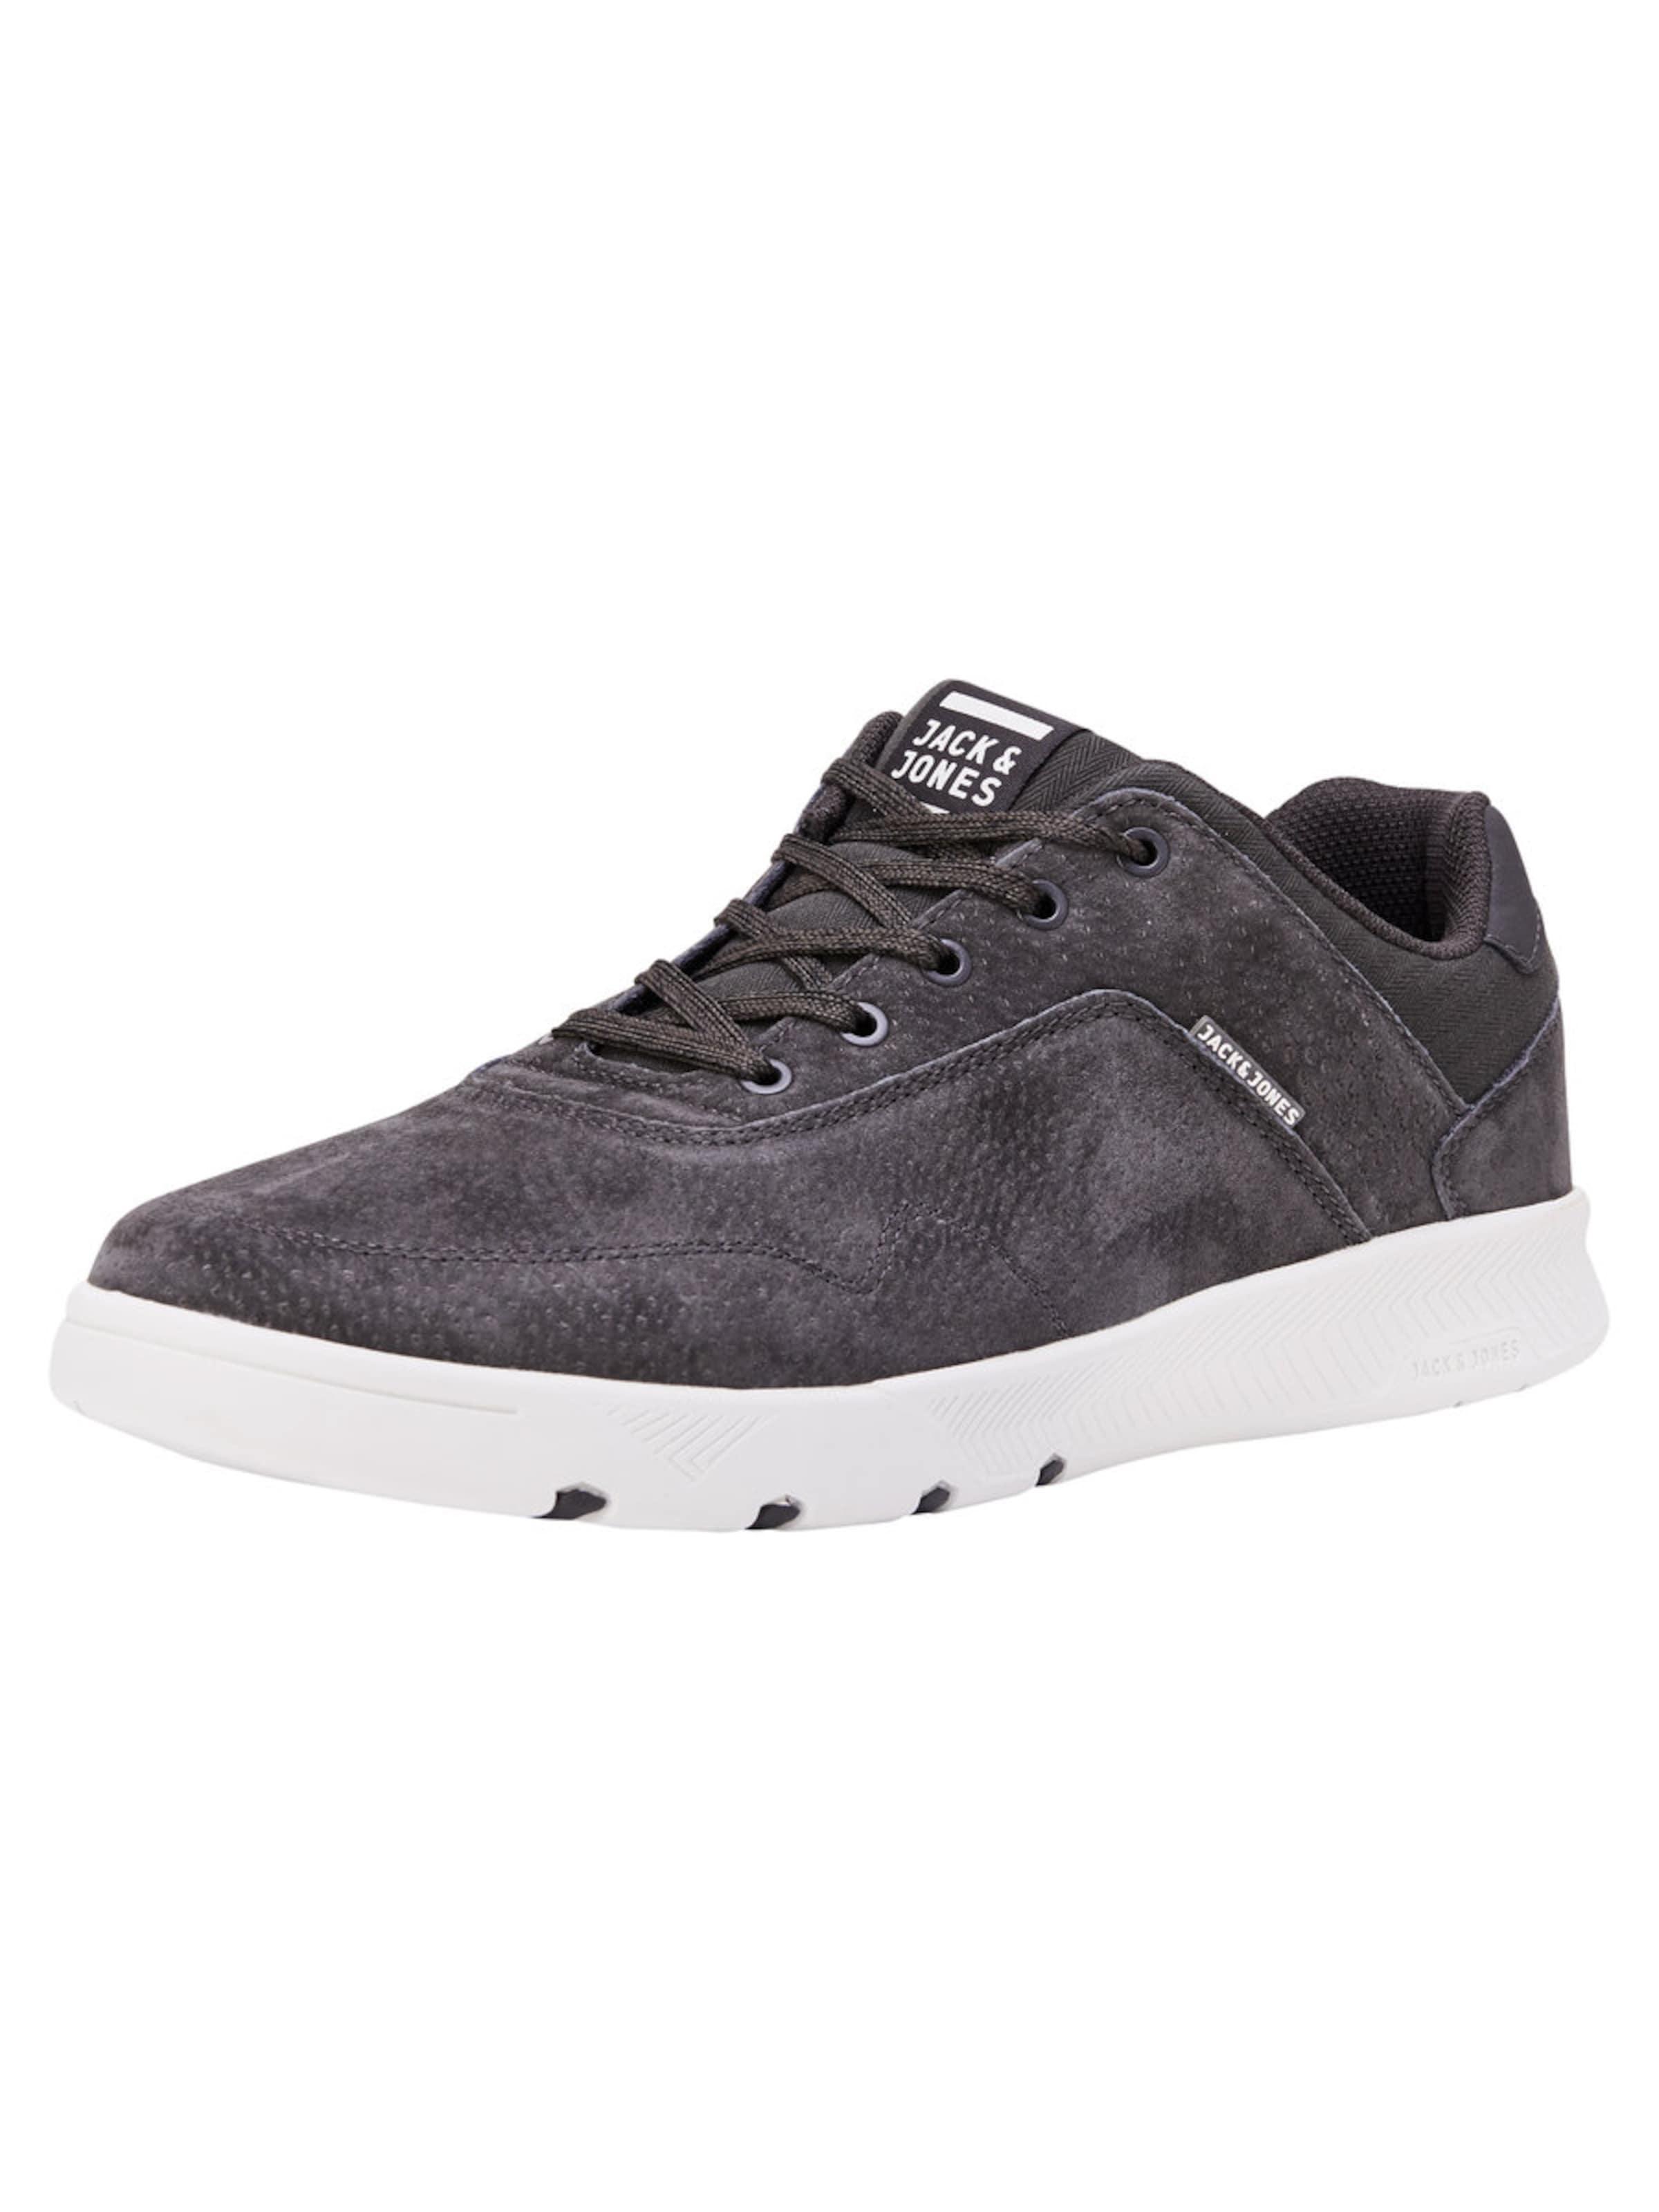 JACK & JONES Sneaker Trendige Trendige Sneaker 5a6e51